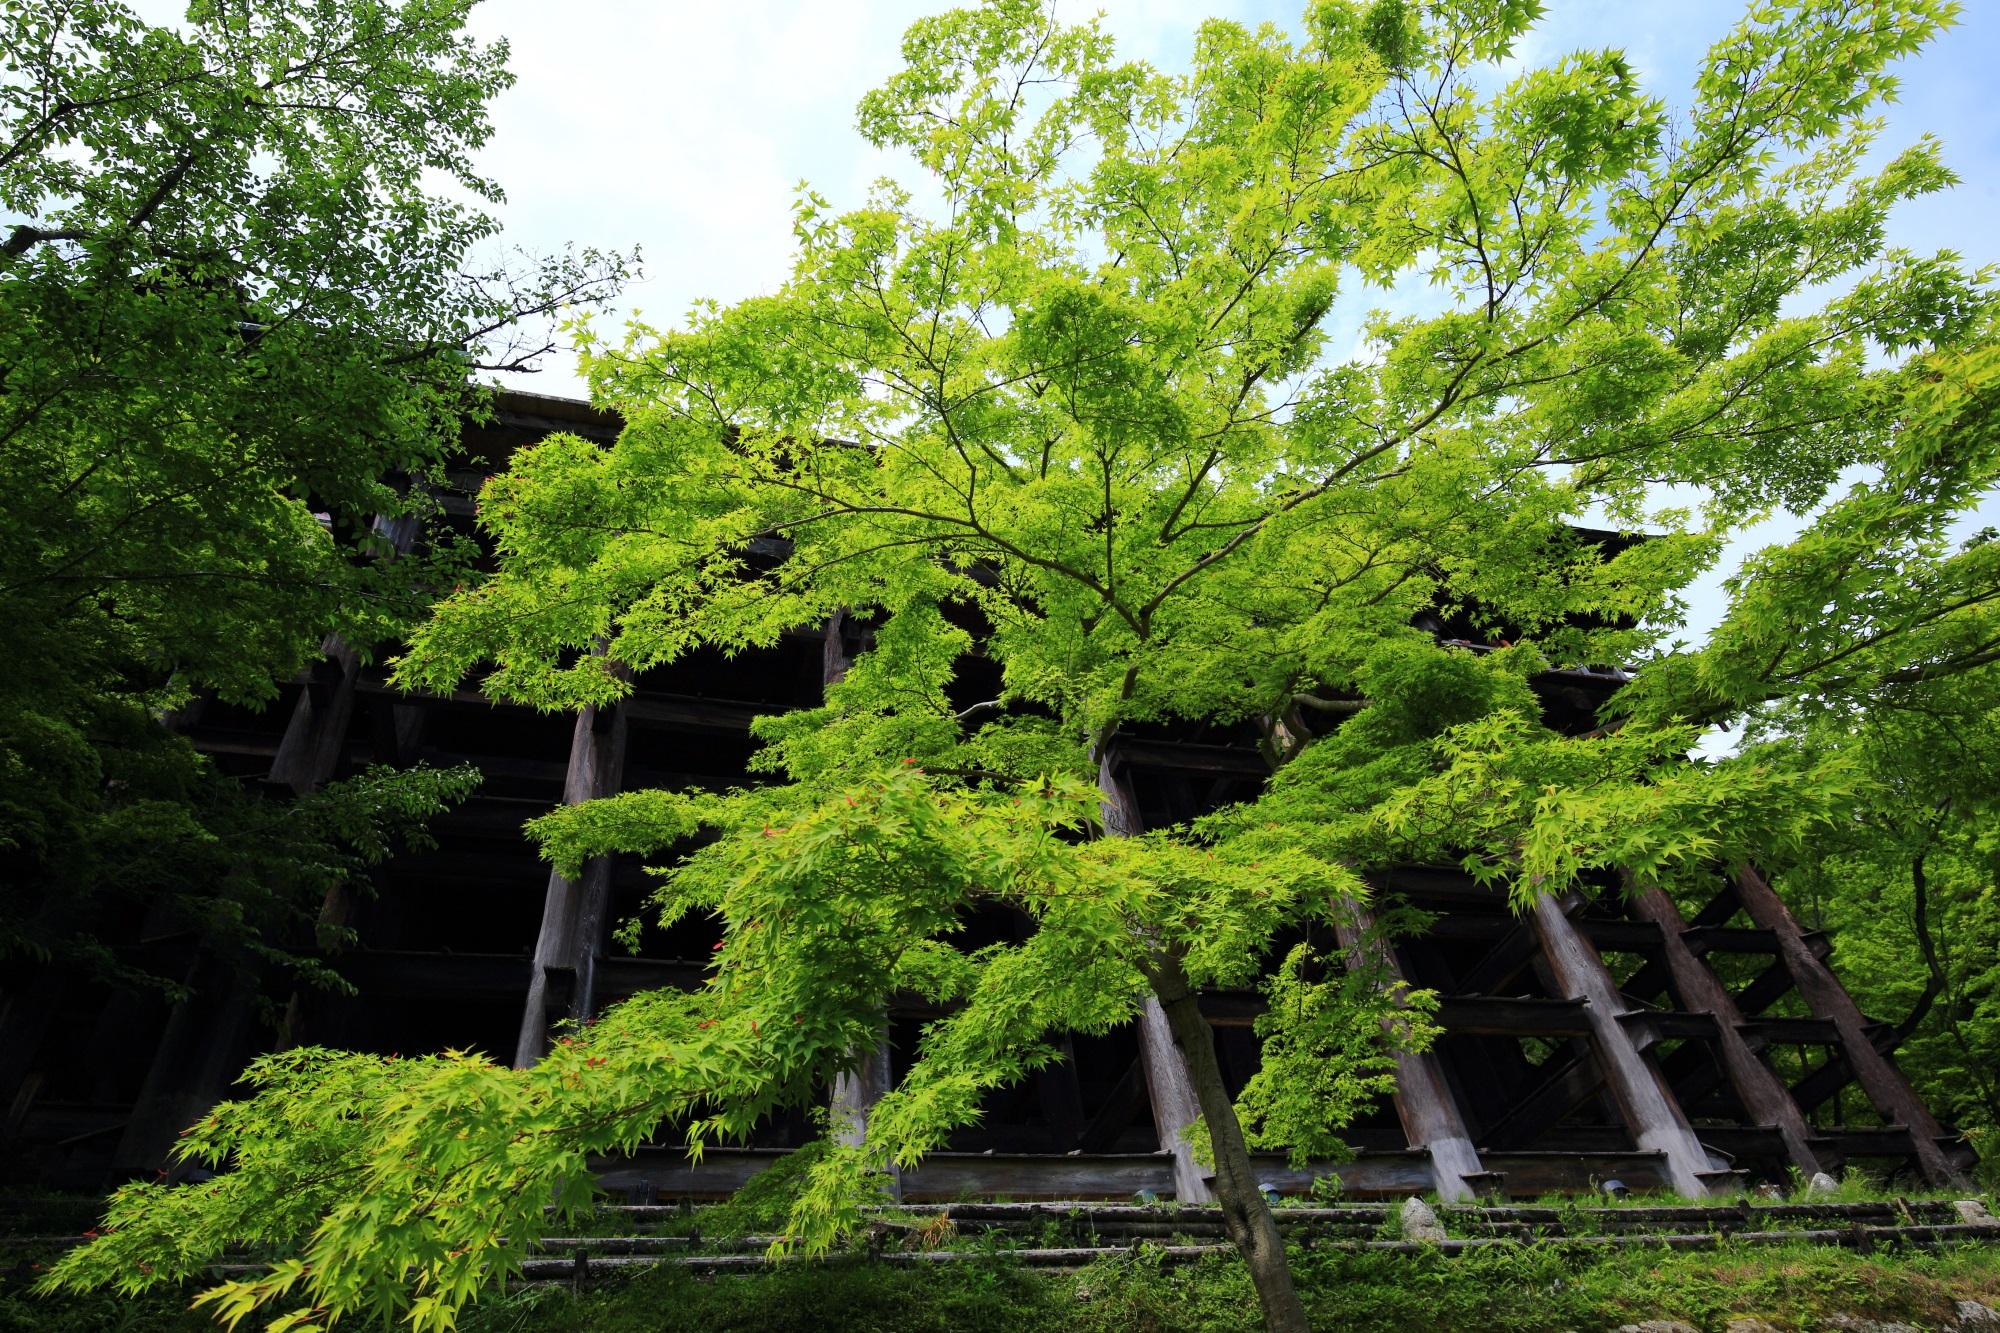 清水寺の下から見上げる清水の舞台と新緑